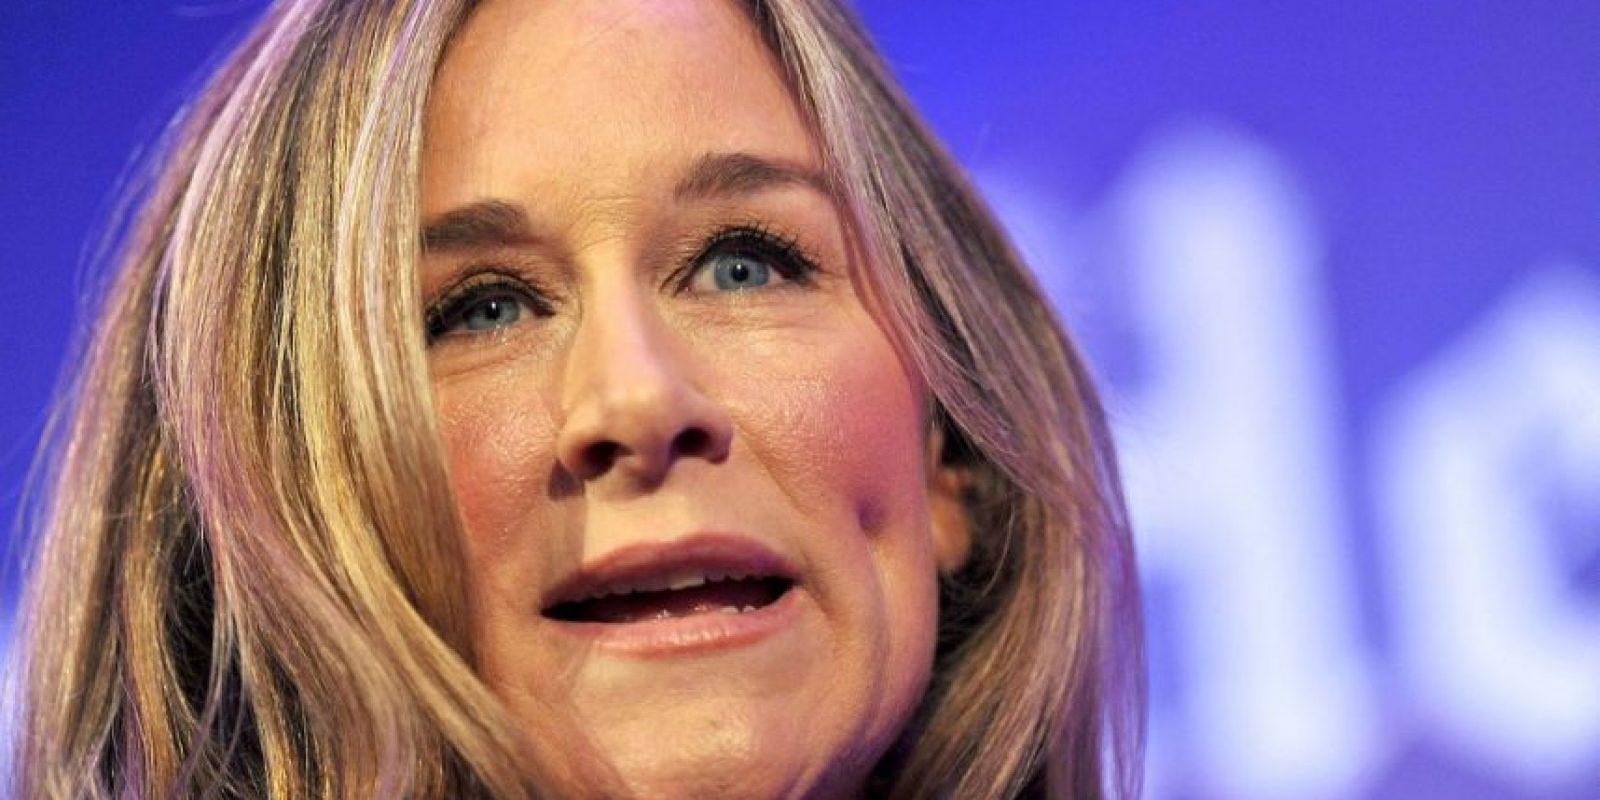 """Angela Ahrendts es la mujer CEO mejor pagada de Estados Unidos según """"Bloomberg Business"""", con un total de 82.6 millones de dólares Foto:Getty Images"""